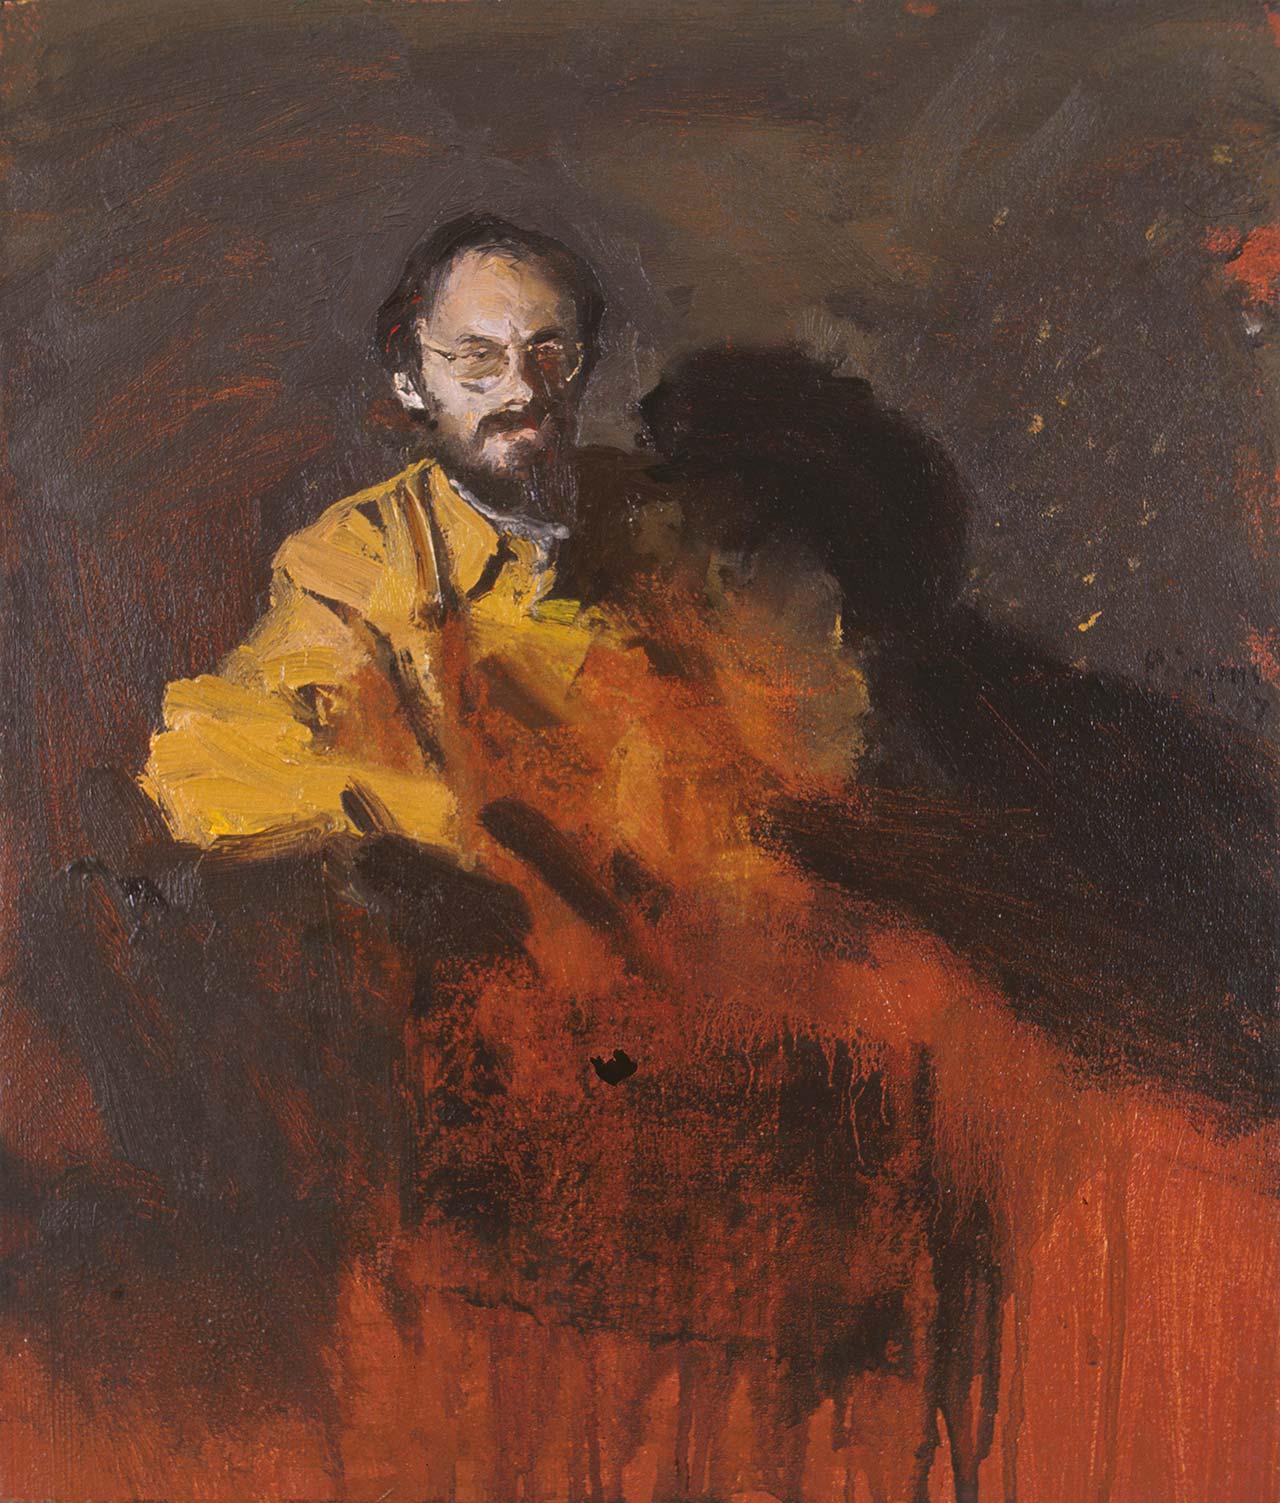 Πορτραίτο άνδρα, 1997, λάδι σε καμβά, 35x30 εκ.